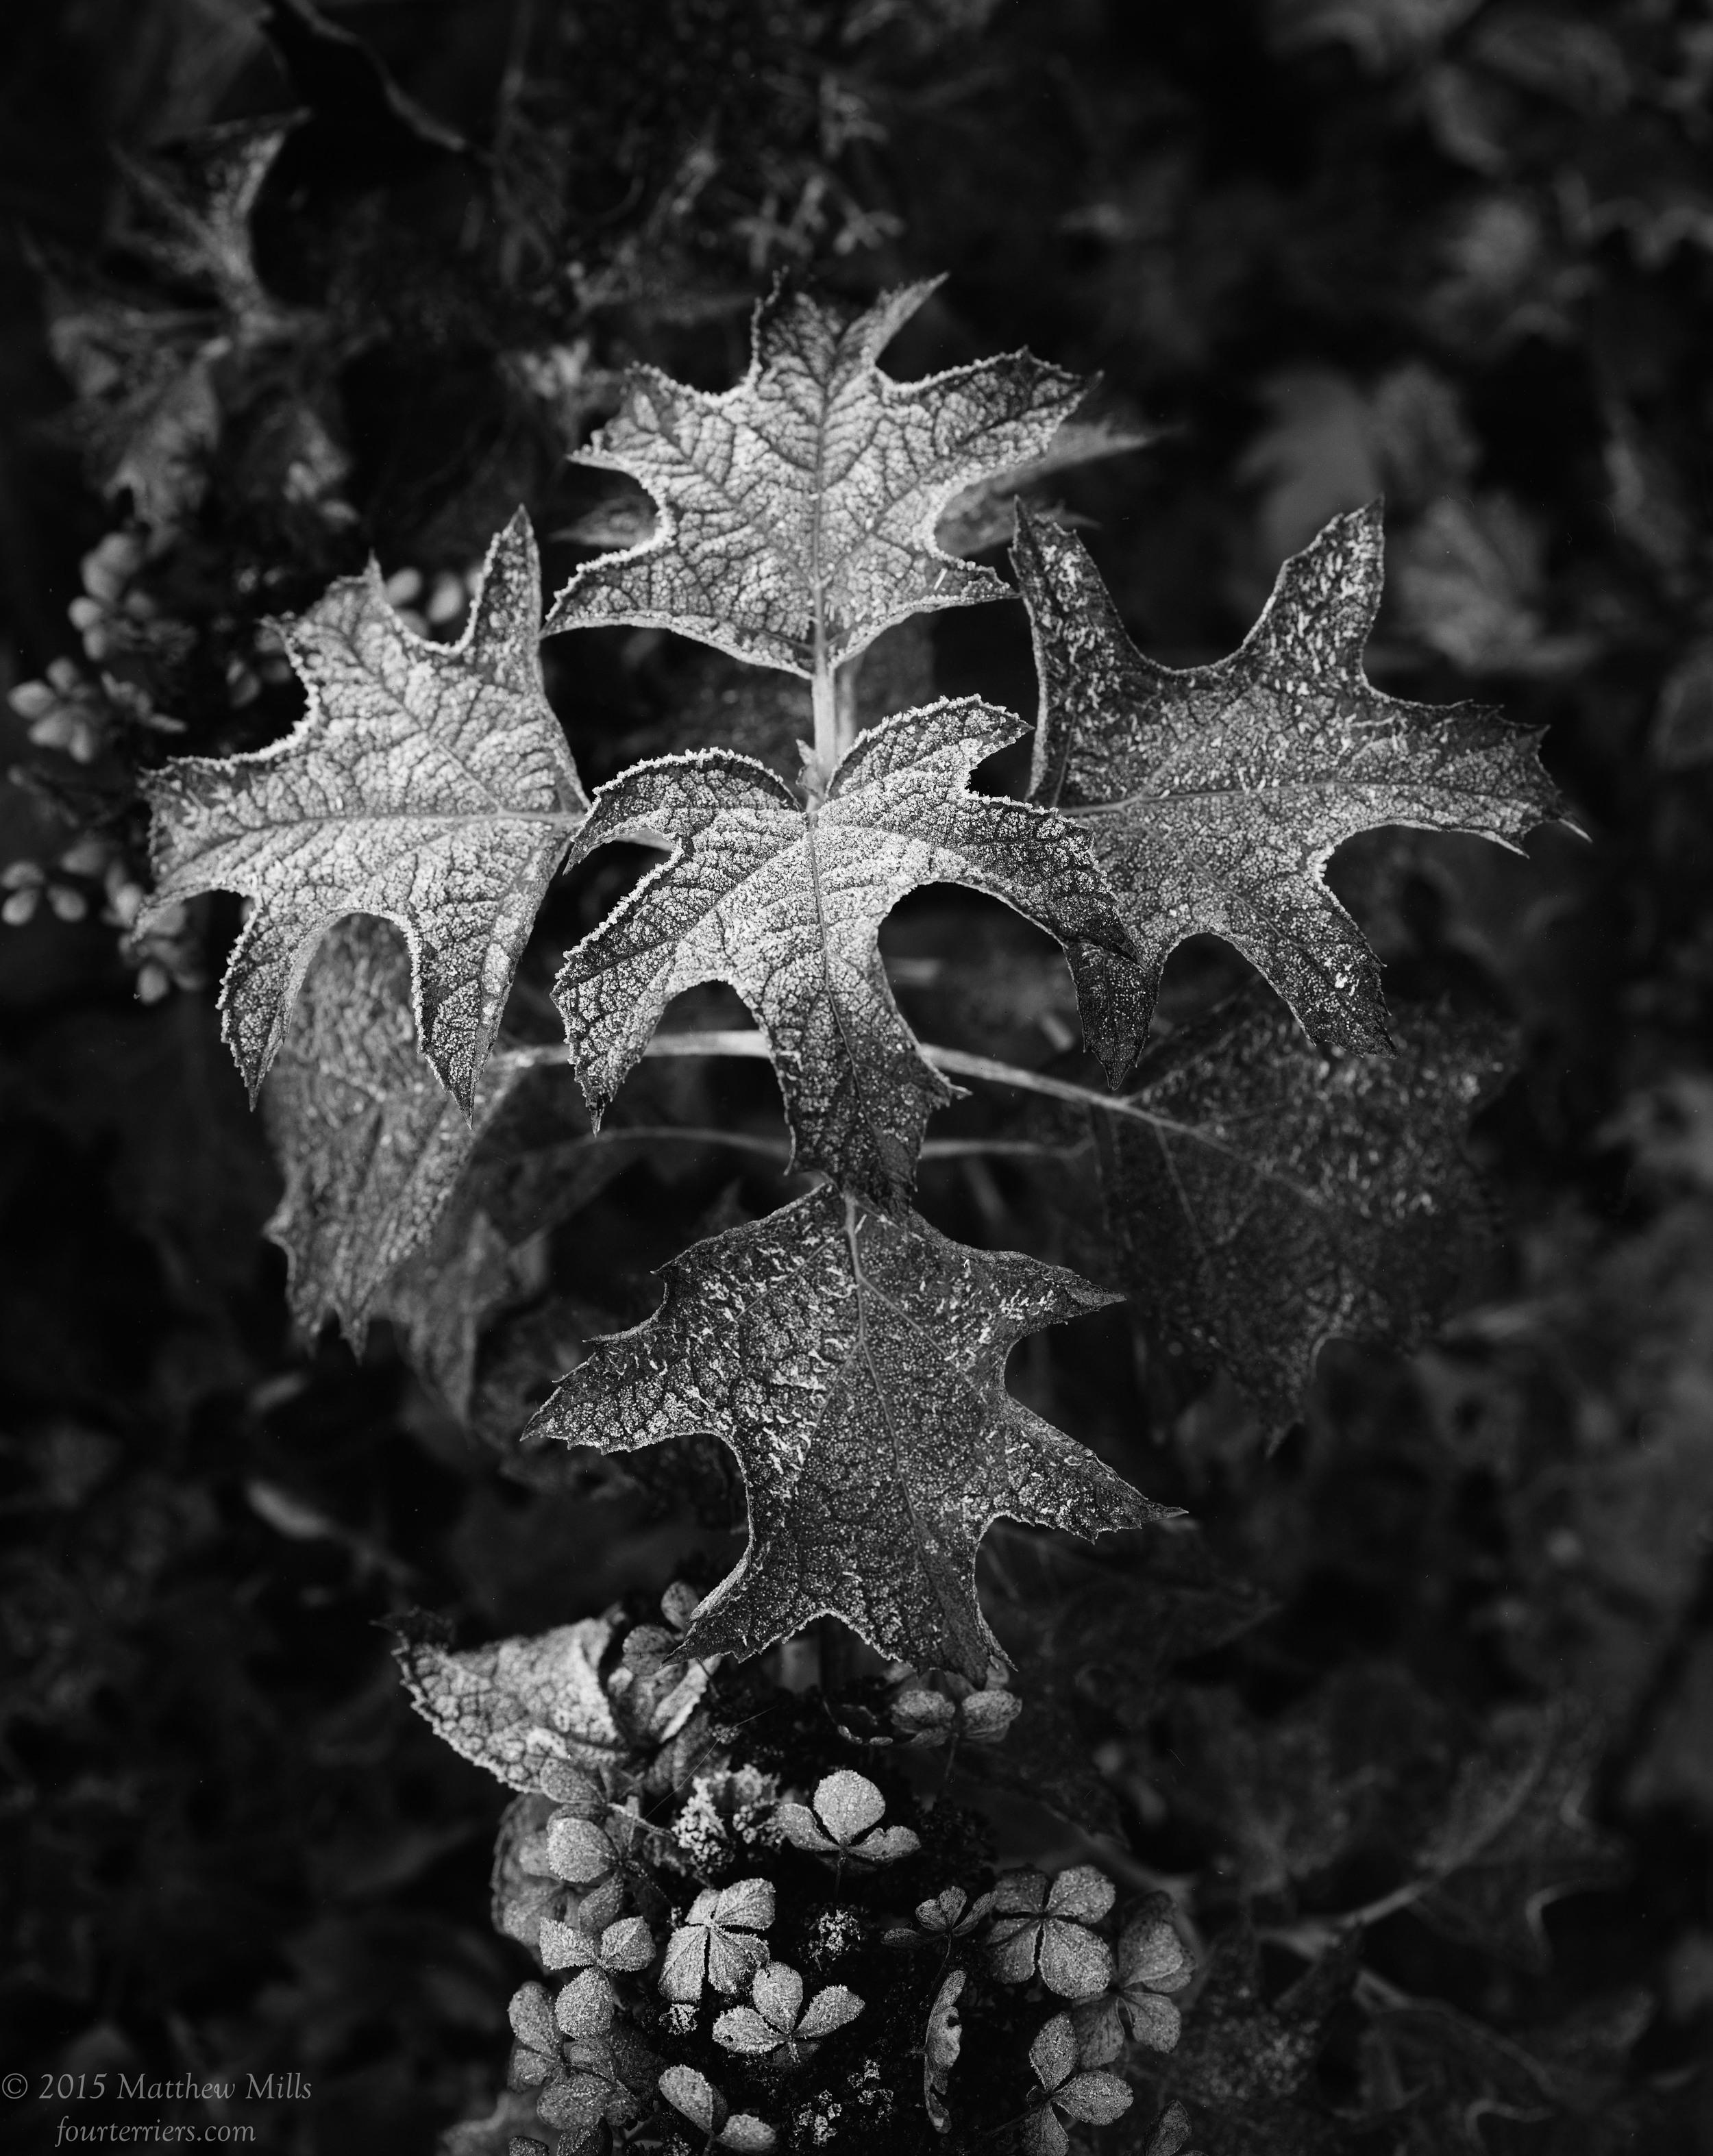 Oak Leaf Hydrangea in Frost, Fall 2015